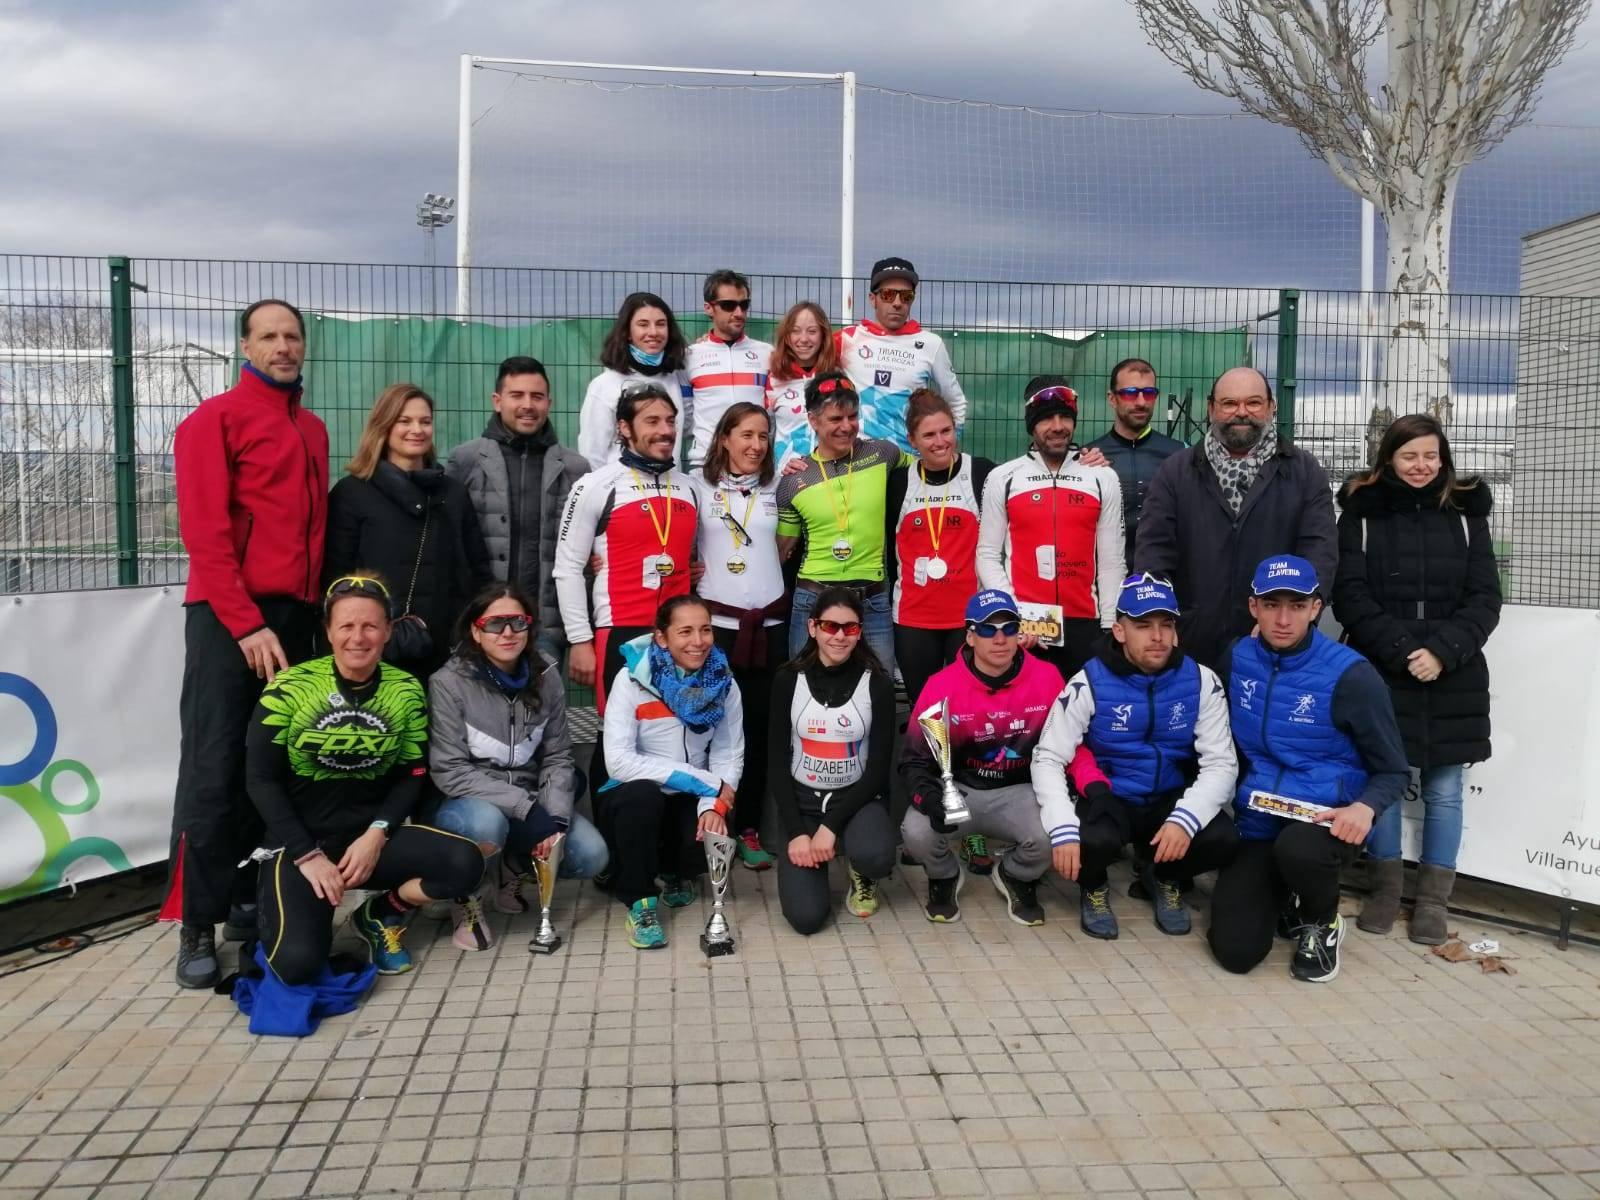 Foto de familia del evento deportivo.